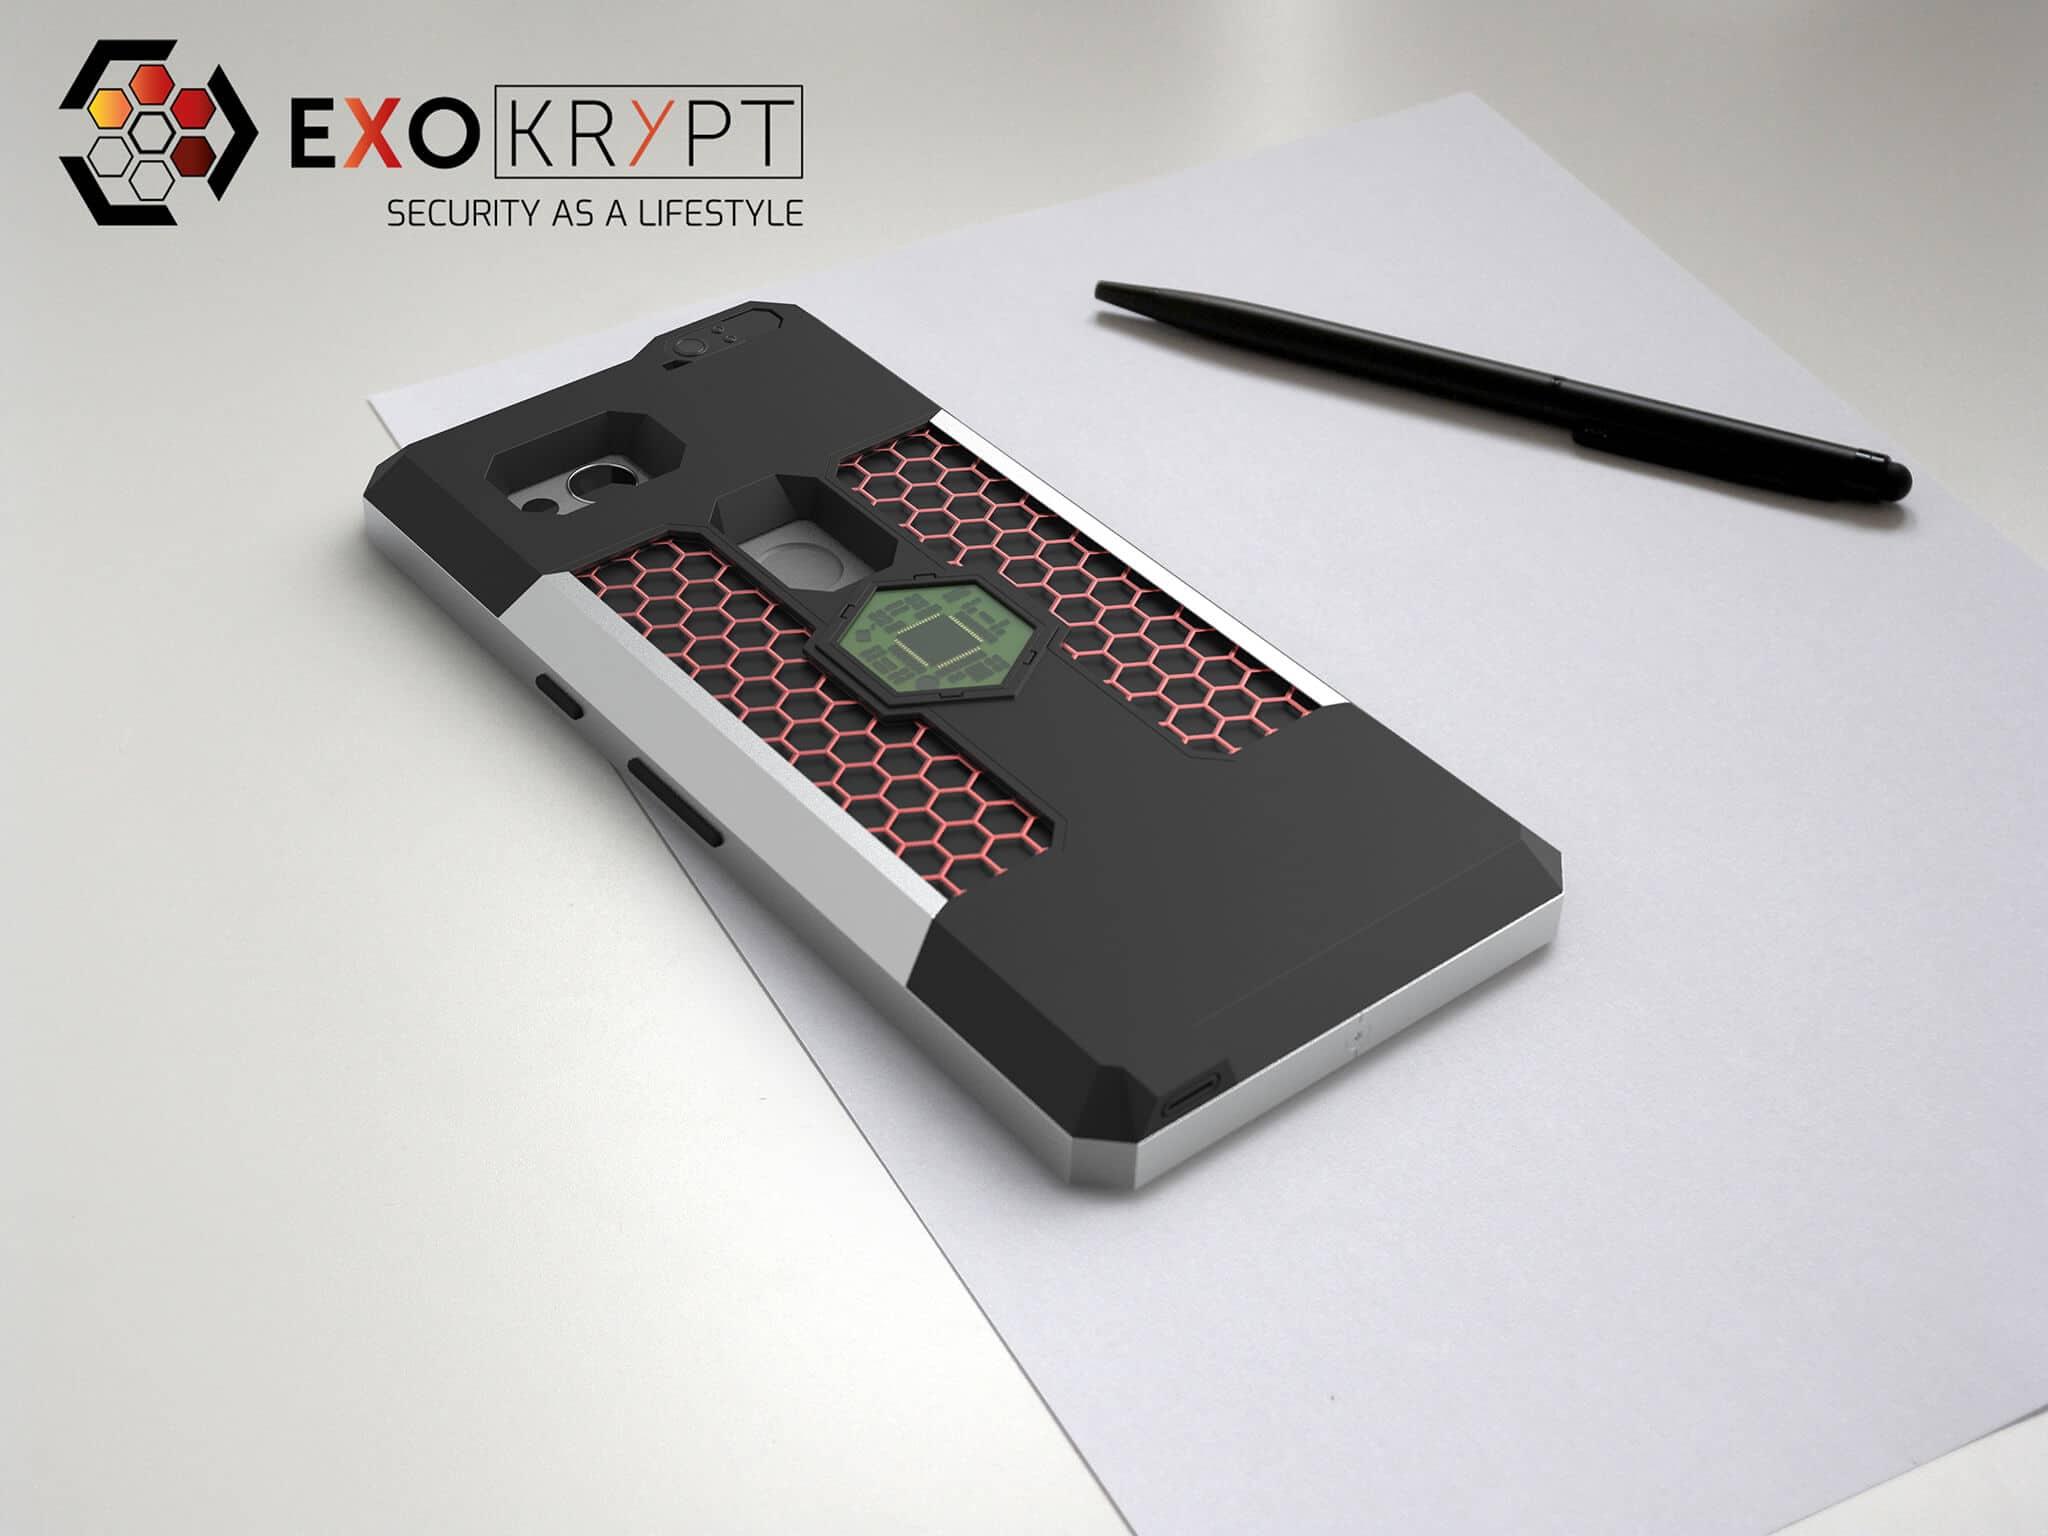 ExoShield BUSINESS Smartphone Case - Brushed Metal Frame - Hexagon Inlets auf einem Tisch auf einem Papierblatt liegend mit Kugelschreiber daneben